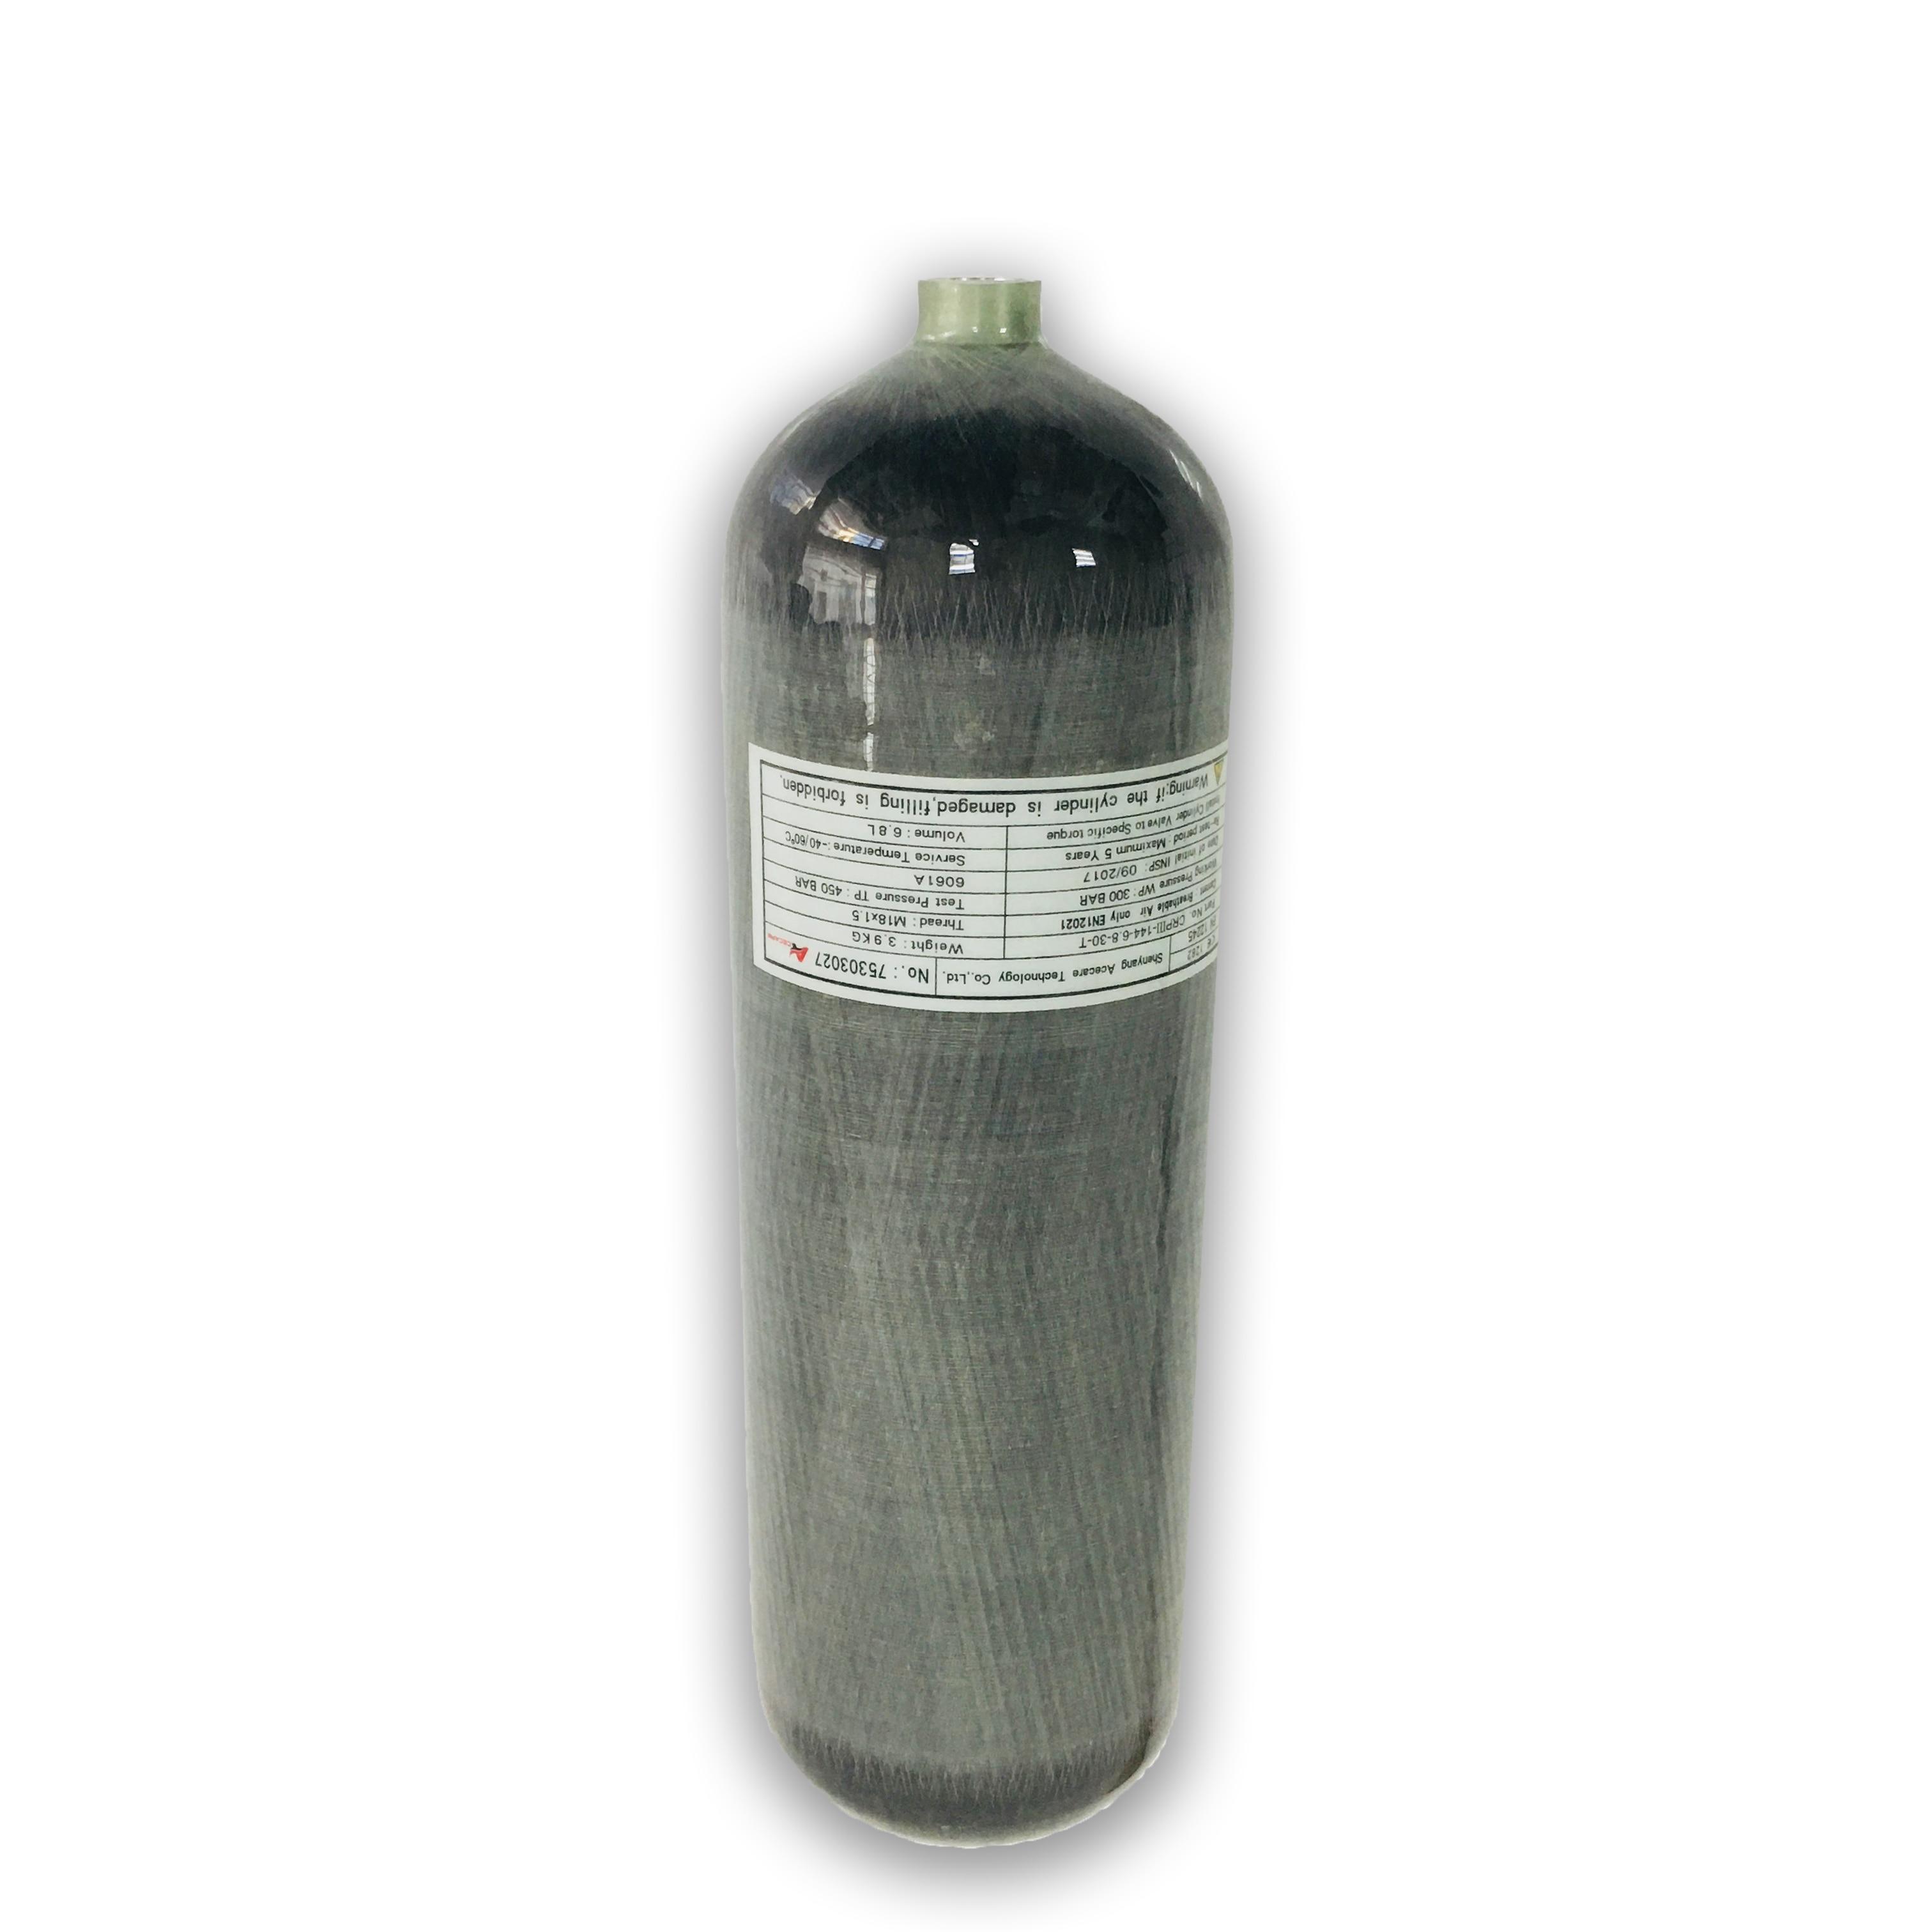 AC168 6.8L CE Plongée sous-marine/4500psi/Pcp Air/Paintball/Réservoir Airforce Condor Pcp Carabine À Air Comprimé Pistolet À Air Comprimé gaz/cylindre à oxygène Acecare